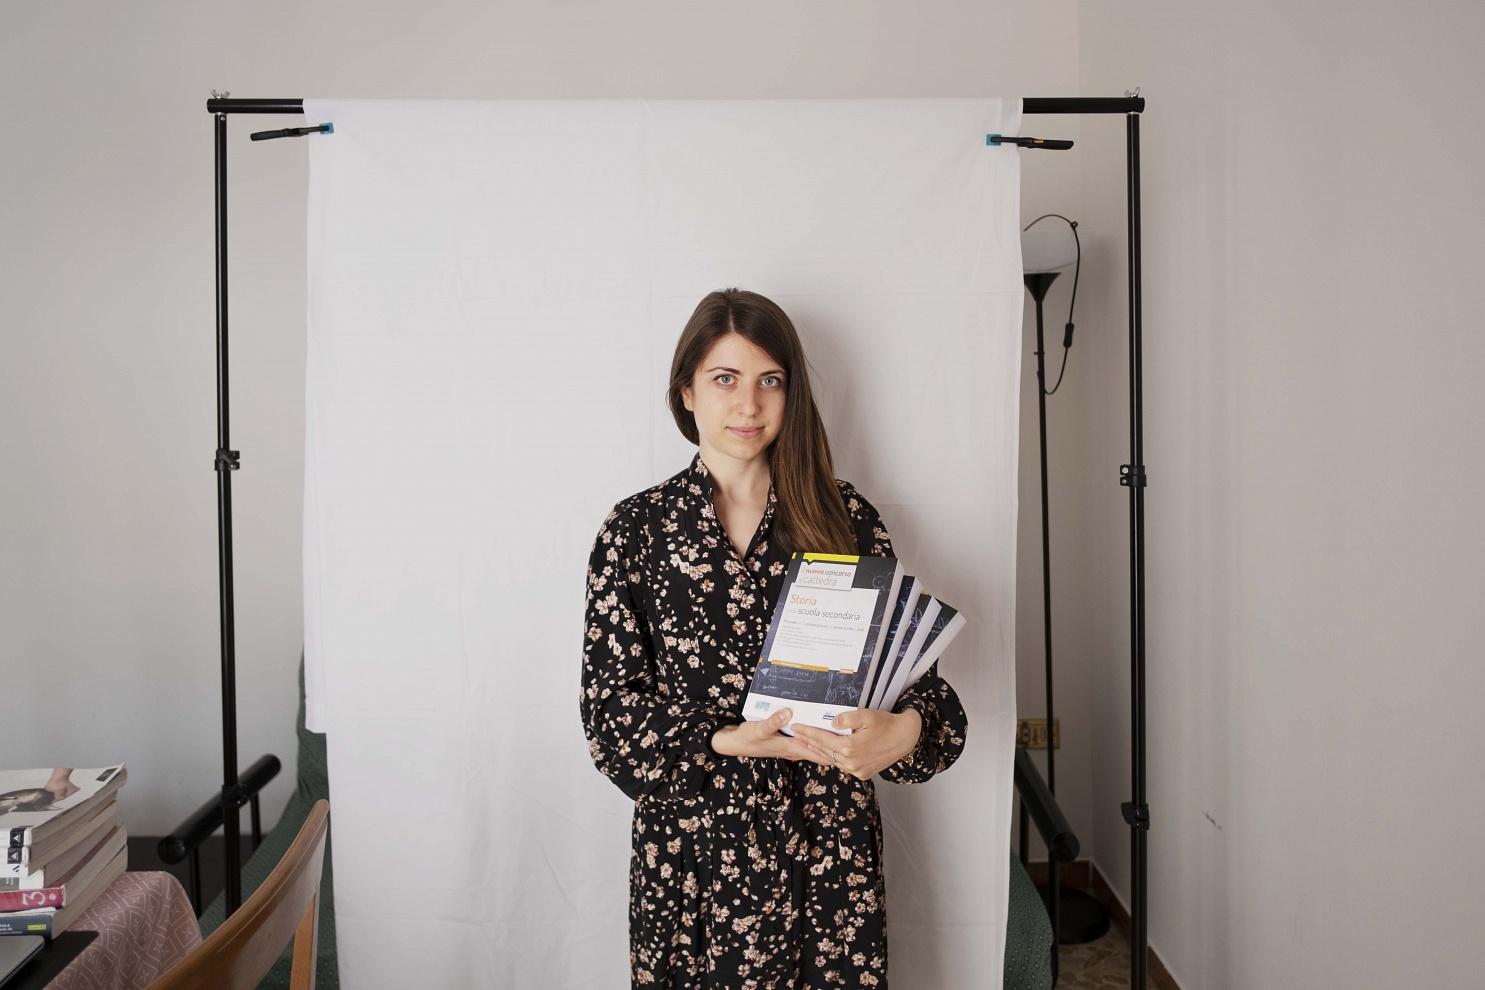 Laura Bordoni, 28 anni, Brescia - Il lockdown è stato per lei il momento per acquistare i libri utili a preparare il concorso per l'insegnamento nella scuola pubblica.